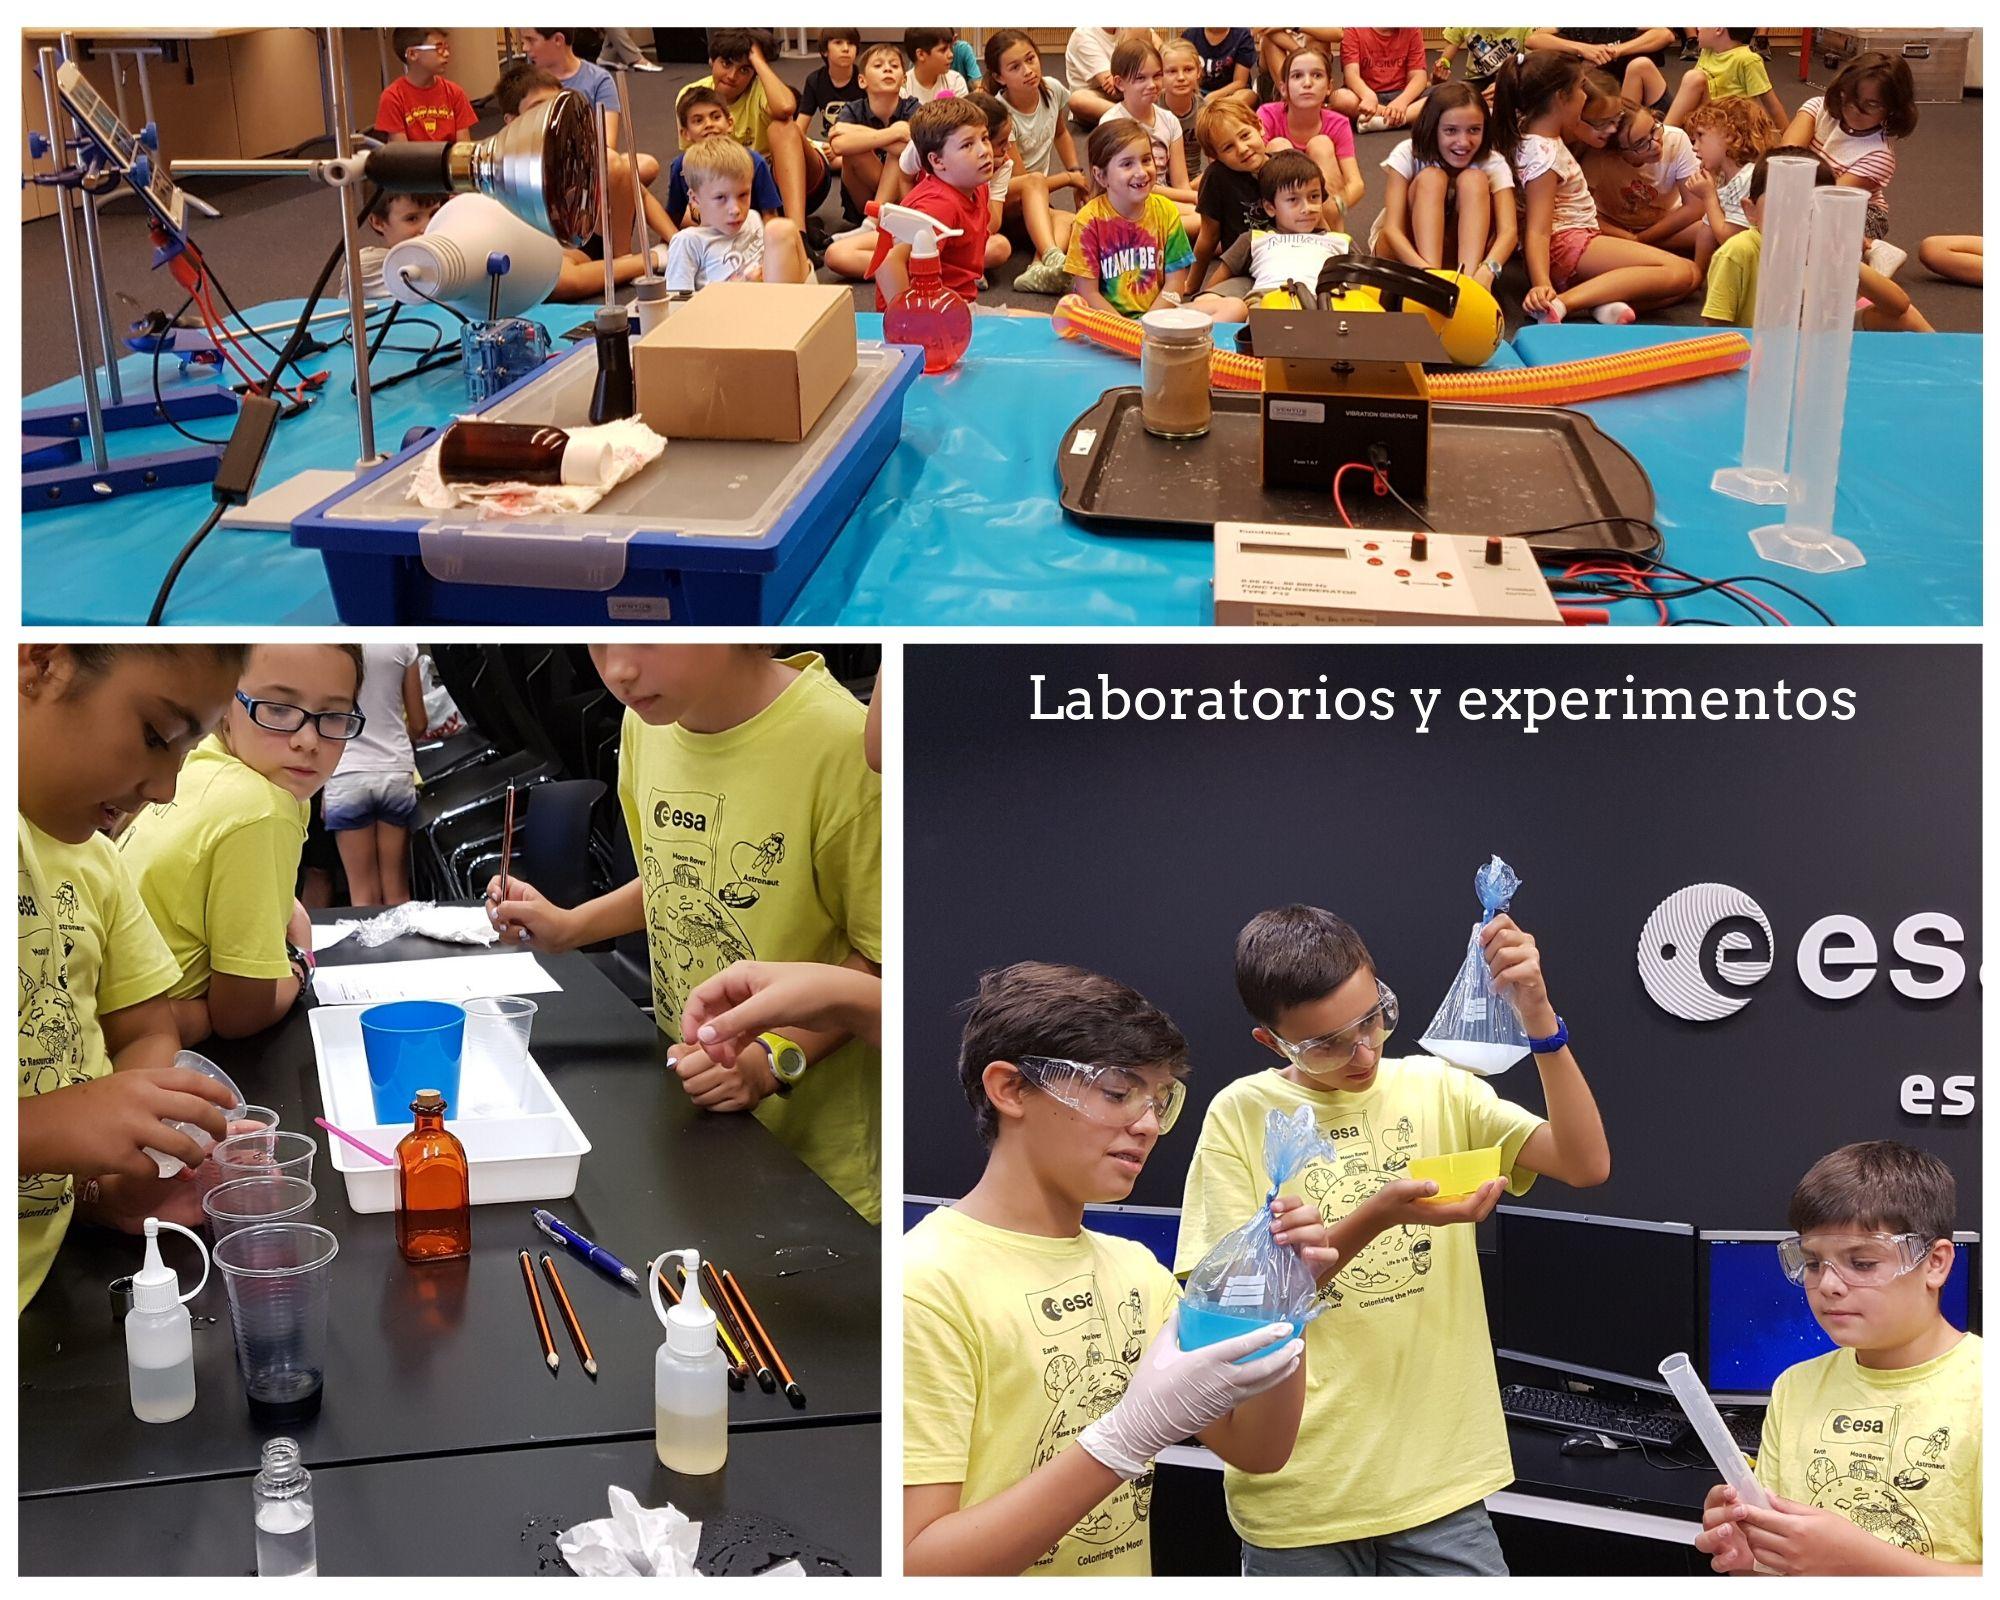 Experimentos y laboratorios